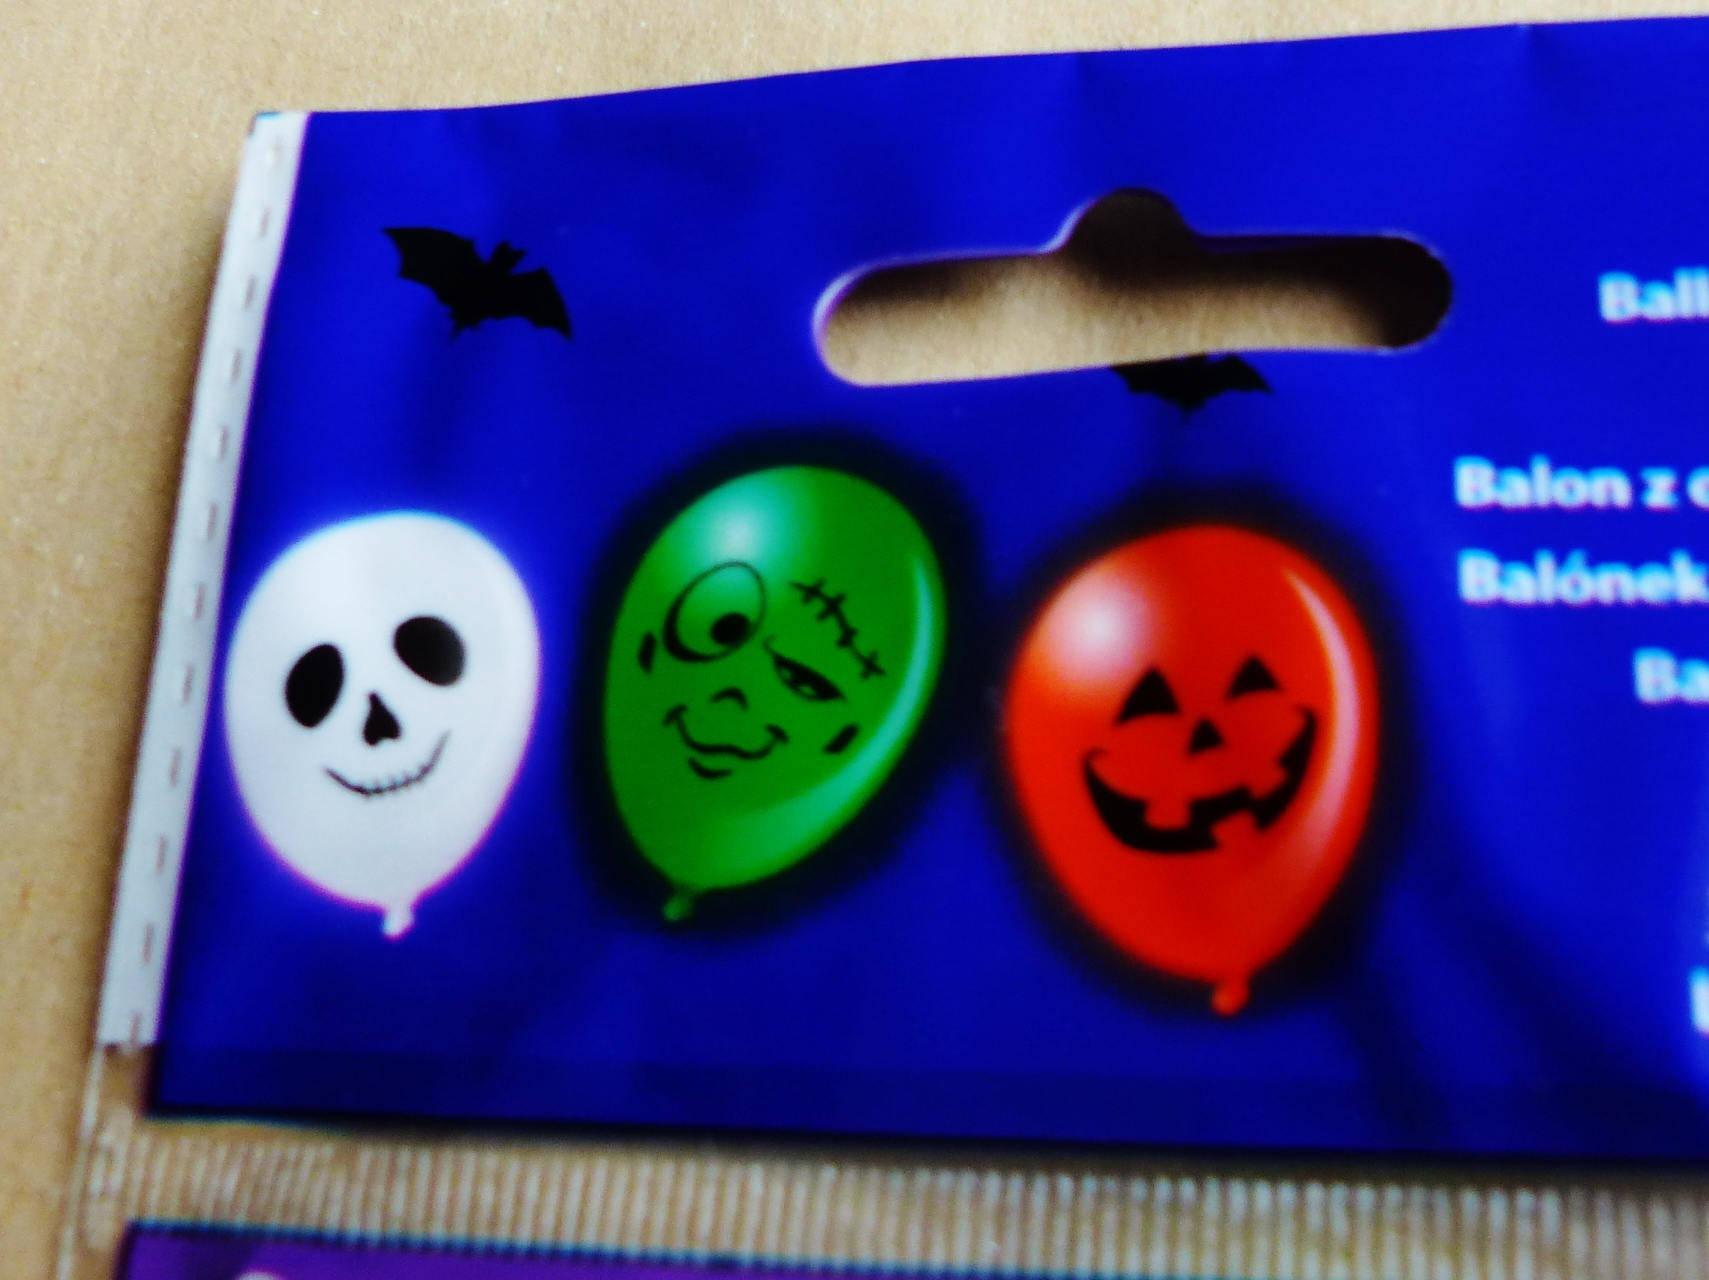 Halloween 3 ballons éclairé par des lumières led citrouille fantome  monstre ballon lumineux fêtes party